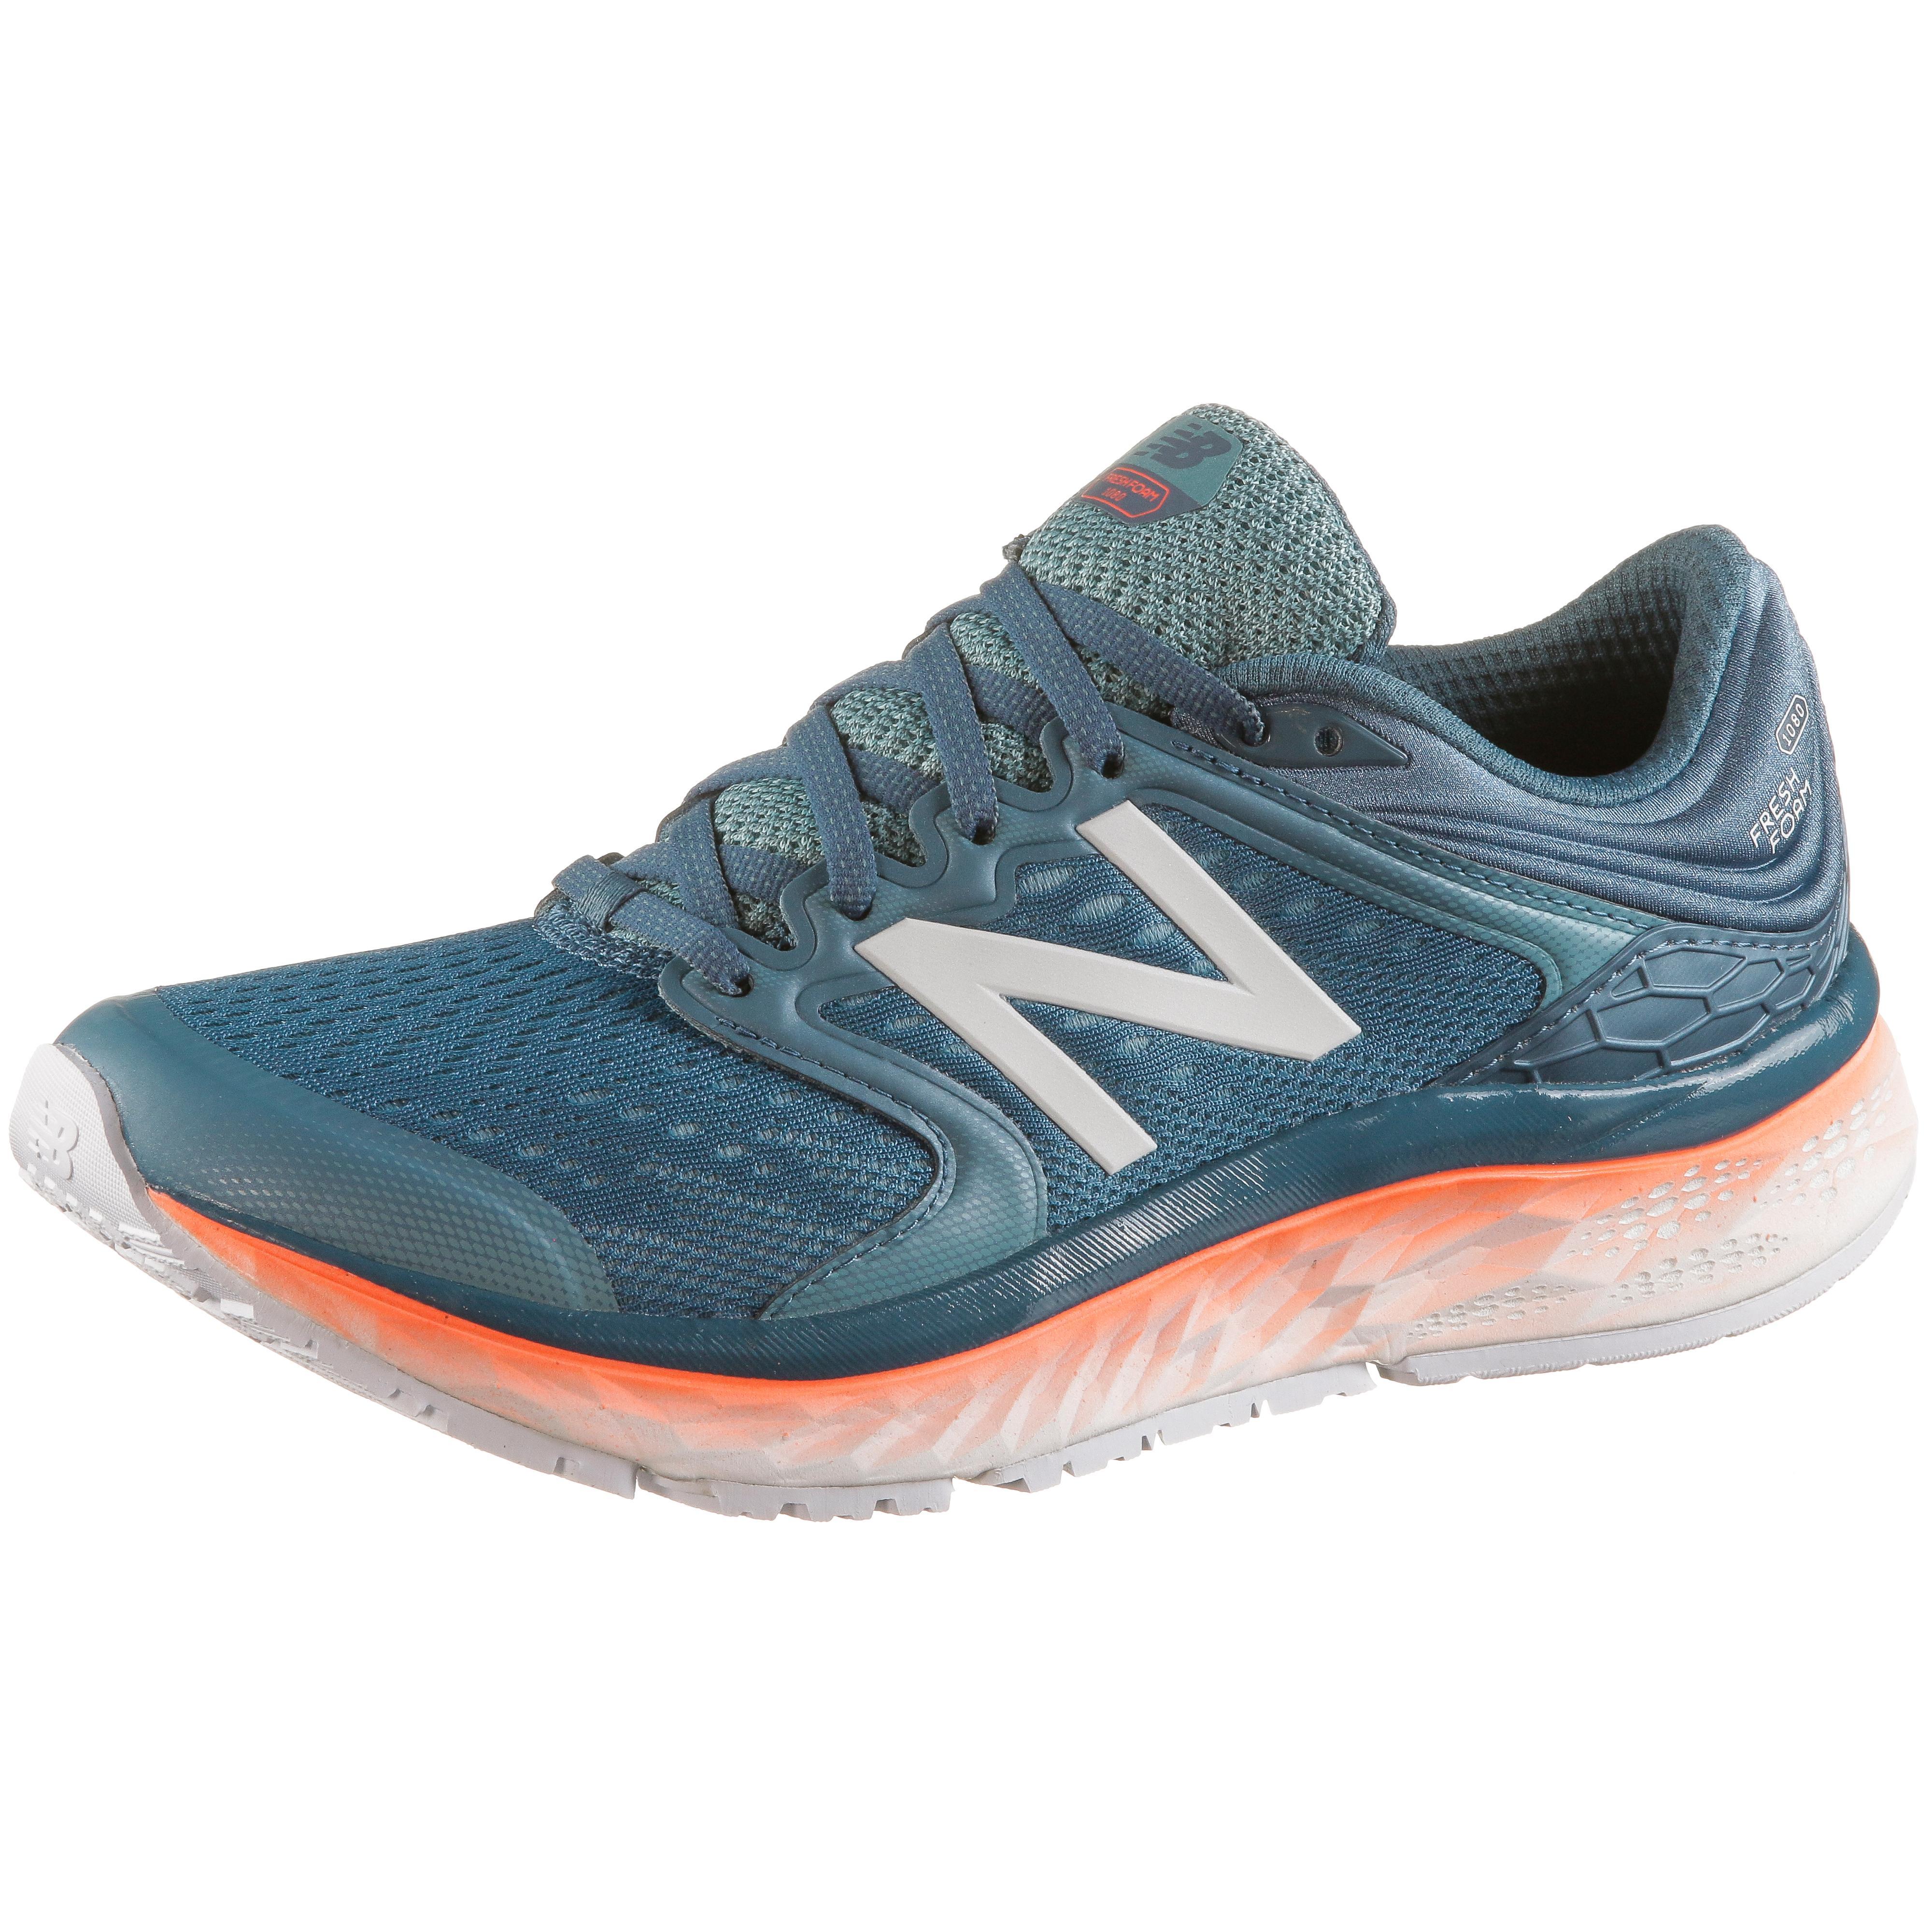 NEW BALANCE Fresh Foam 1080 v8 Laufschuhe Damen blue im Online Shop von  SportScheck kaufen